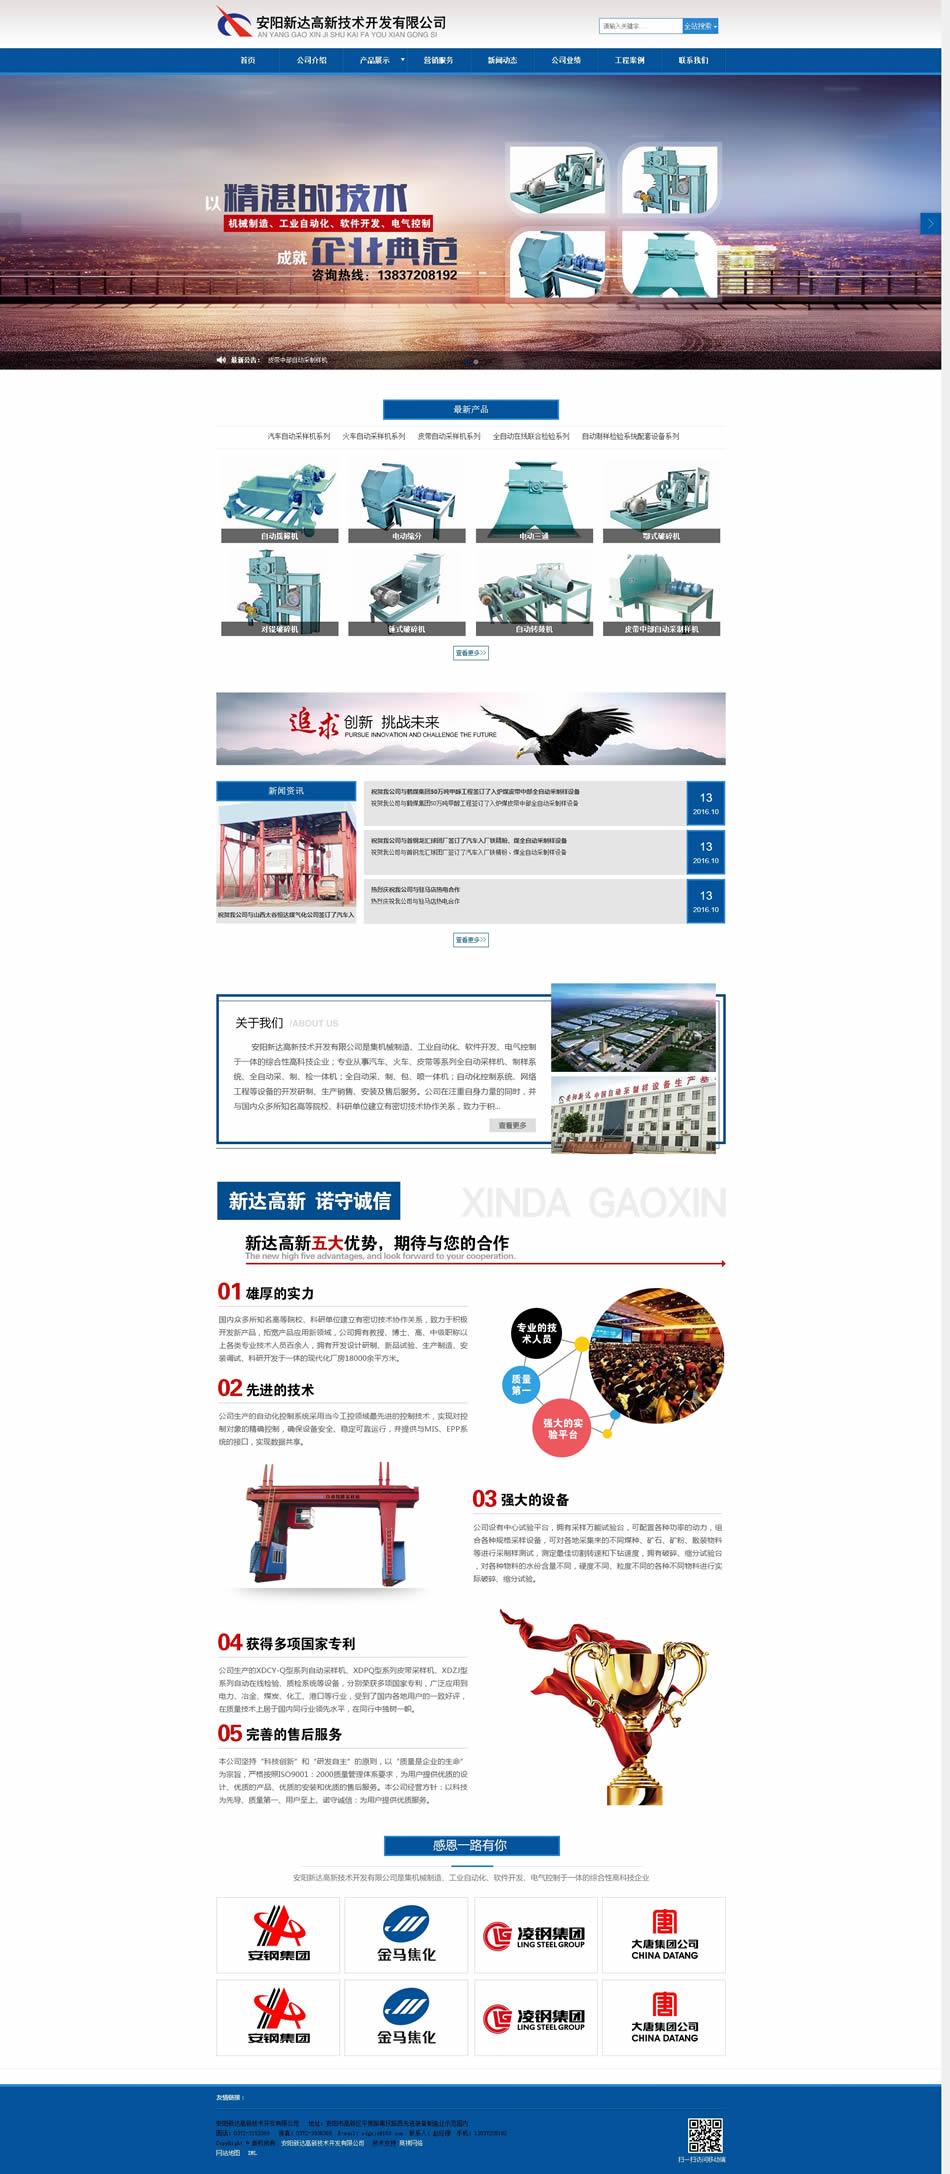 安阳新达高新技术开发有限公司